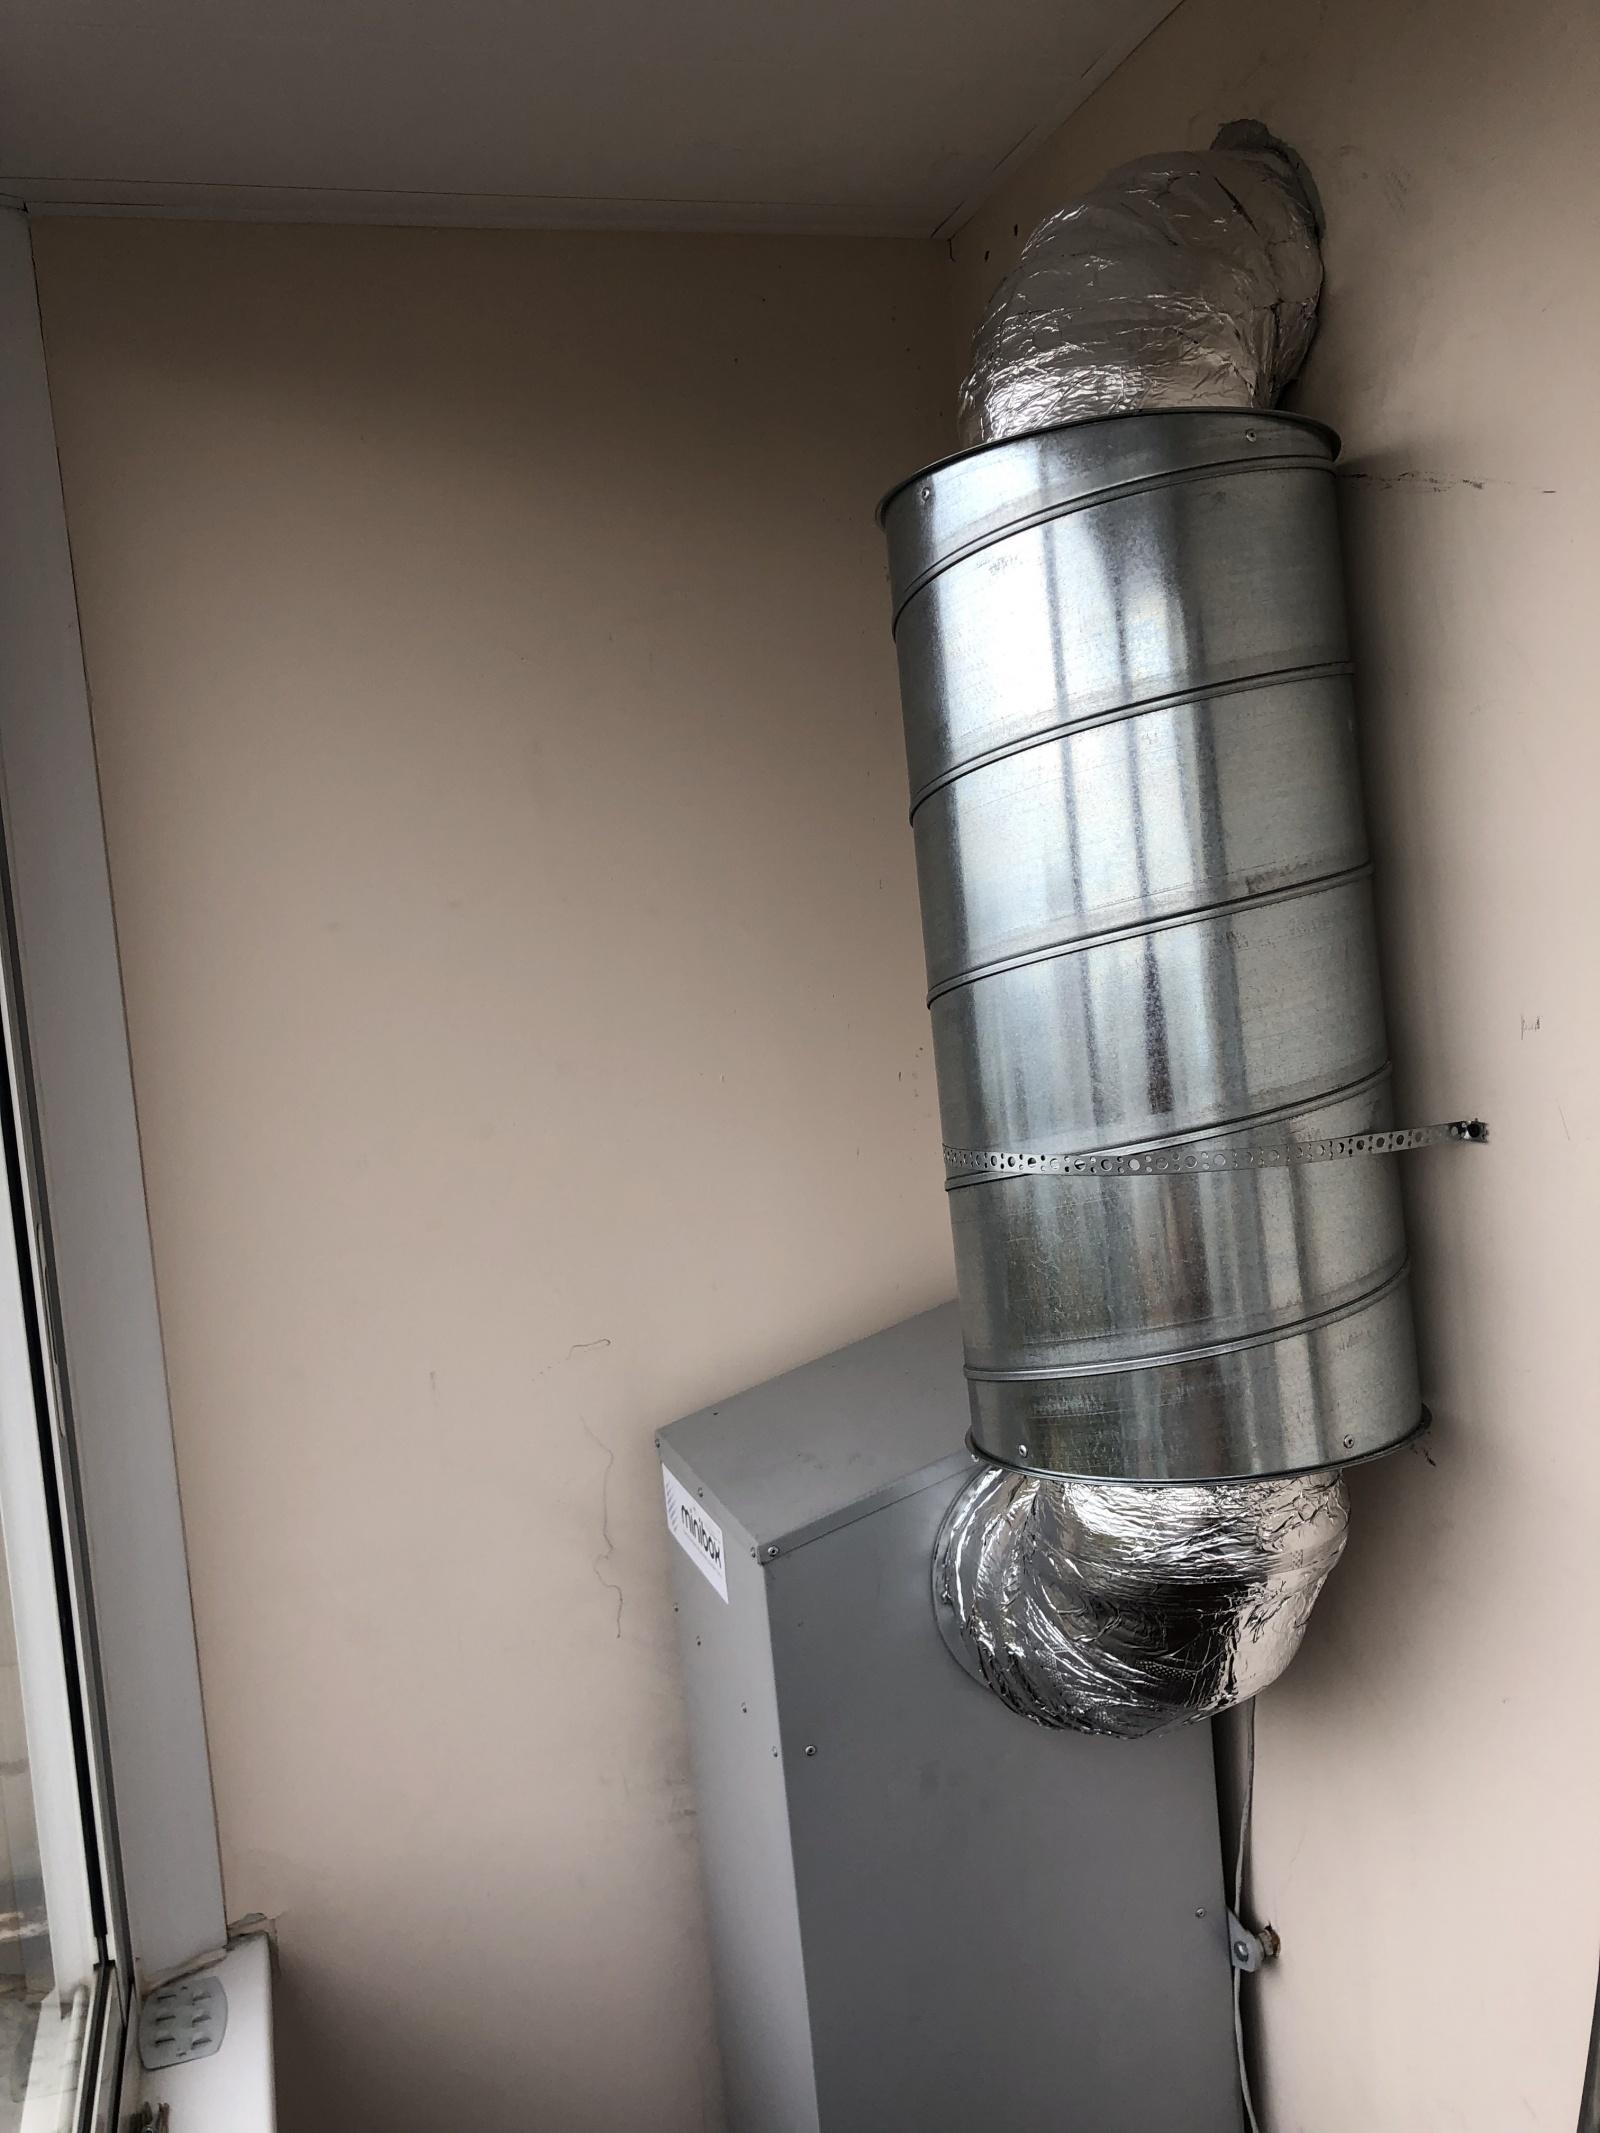 Как я чуть не выкинул 150к на ветер или история установки приточной вентиляции в квартире - 20